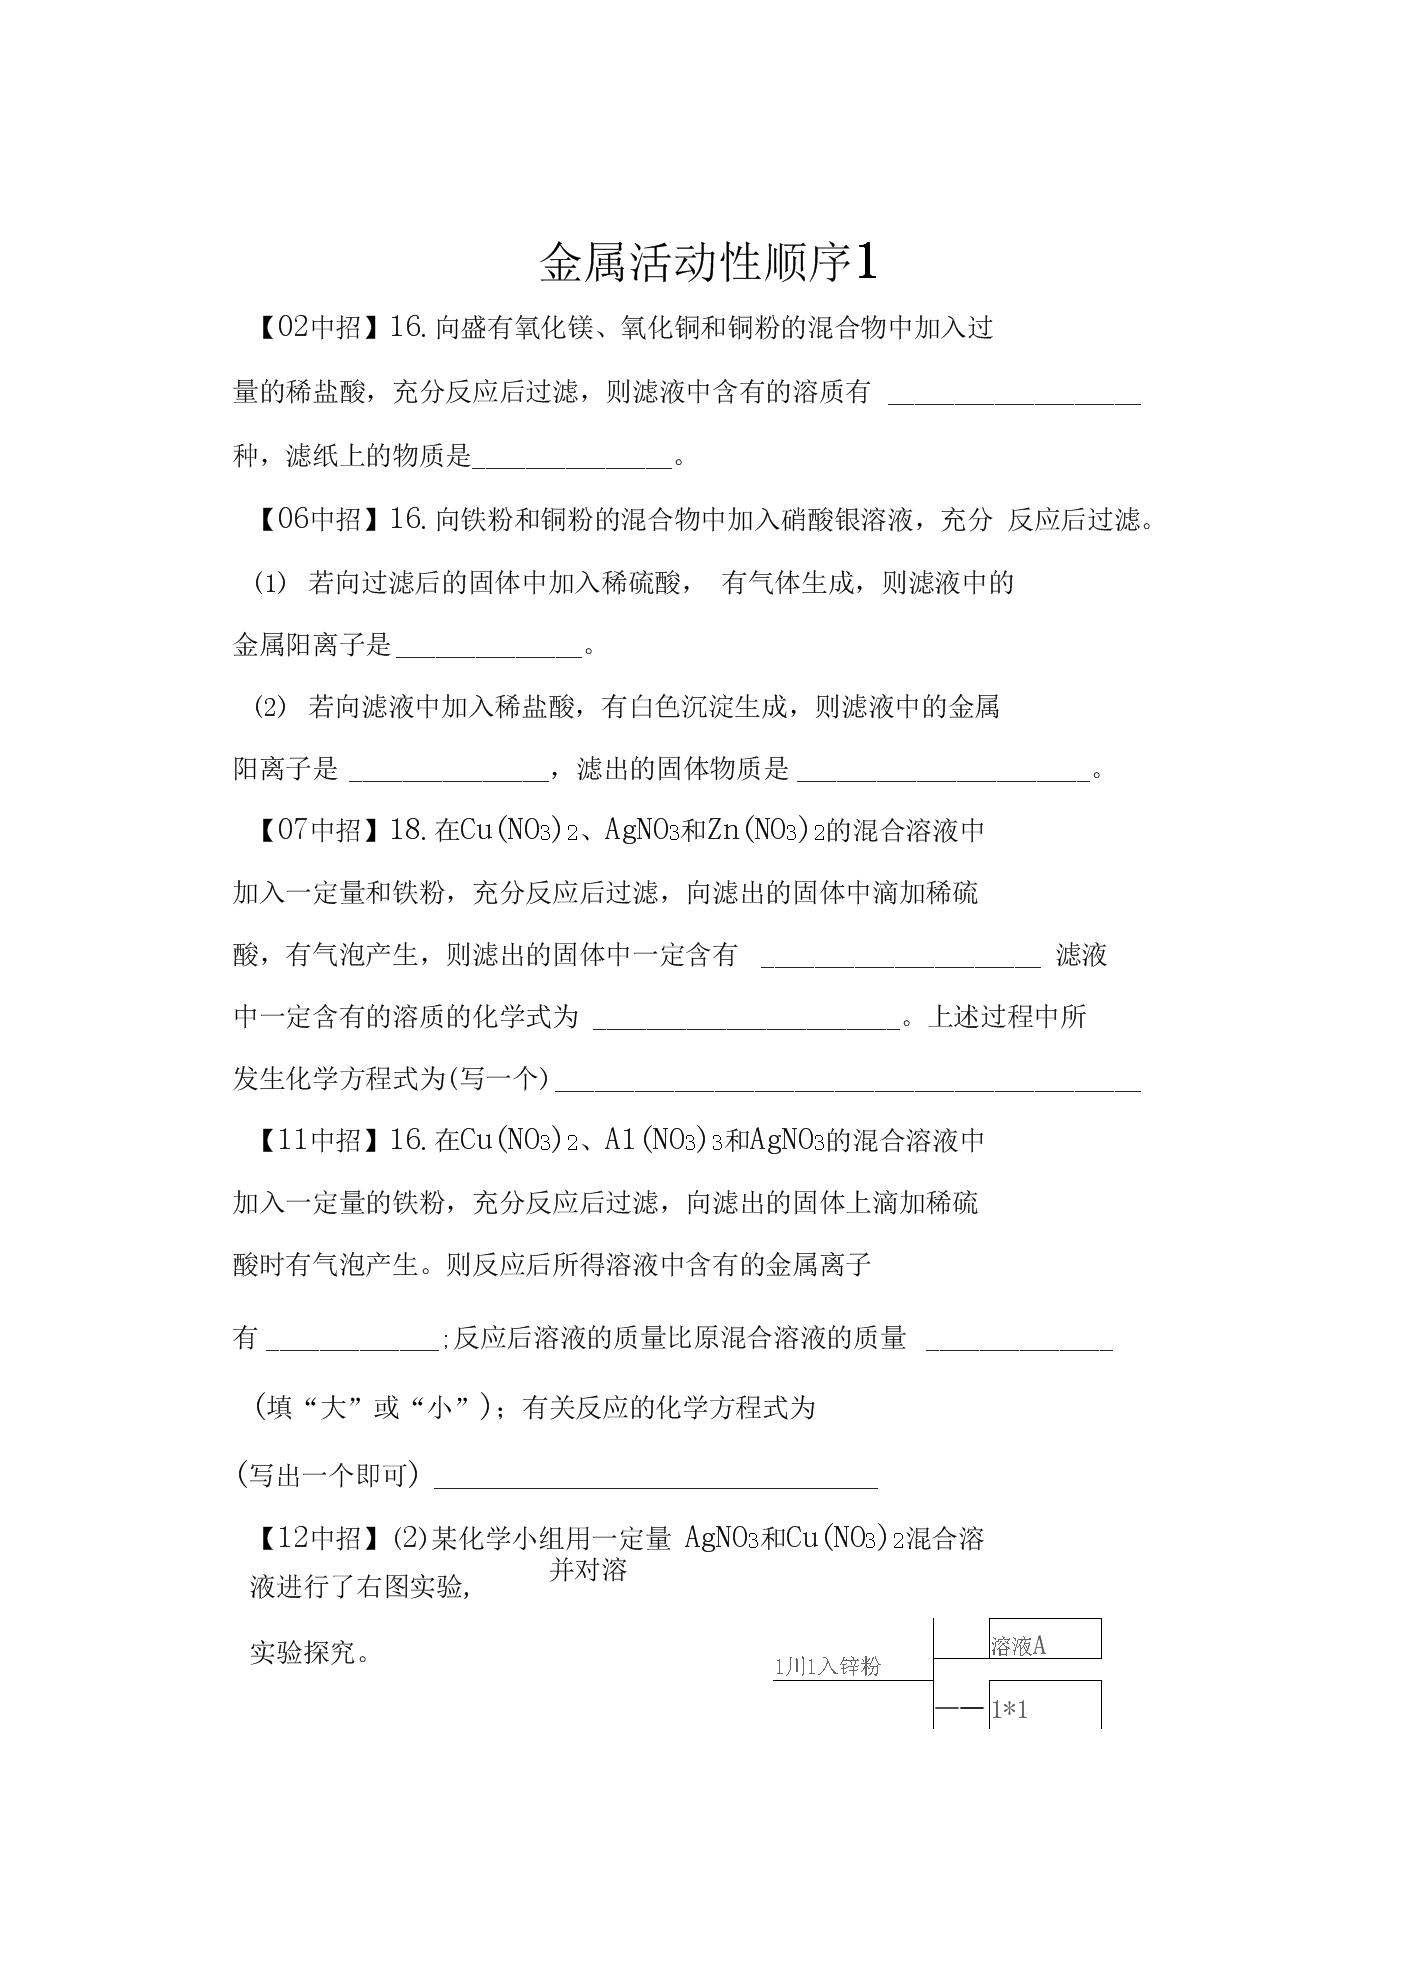 金属活动性顺序1.docx